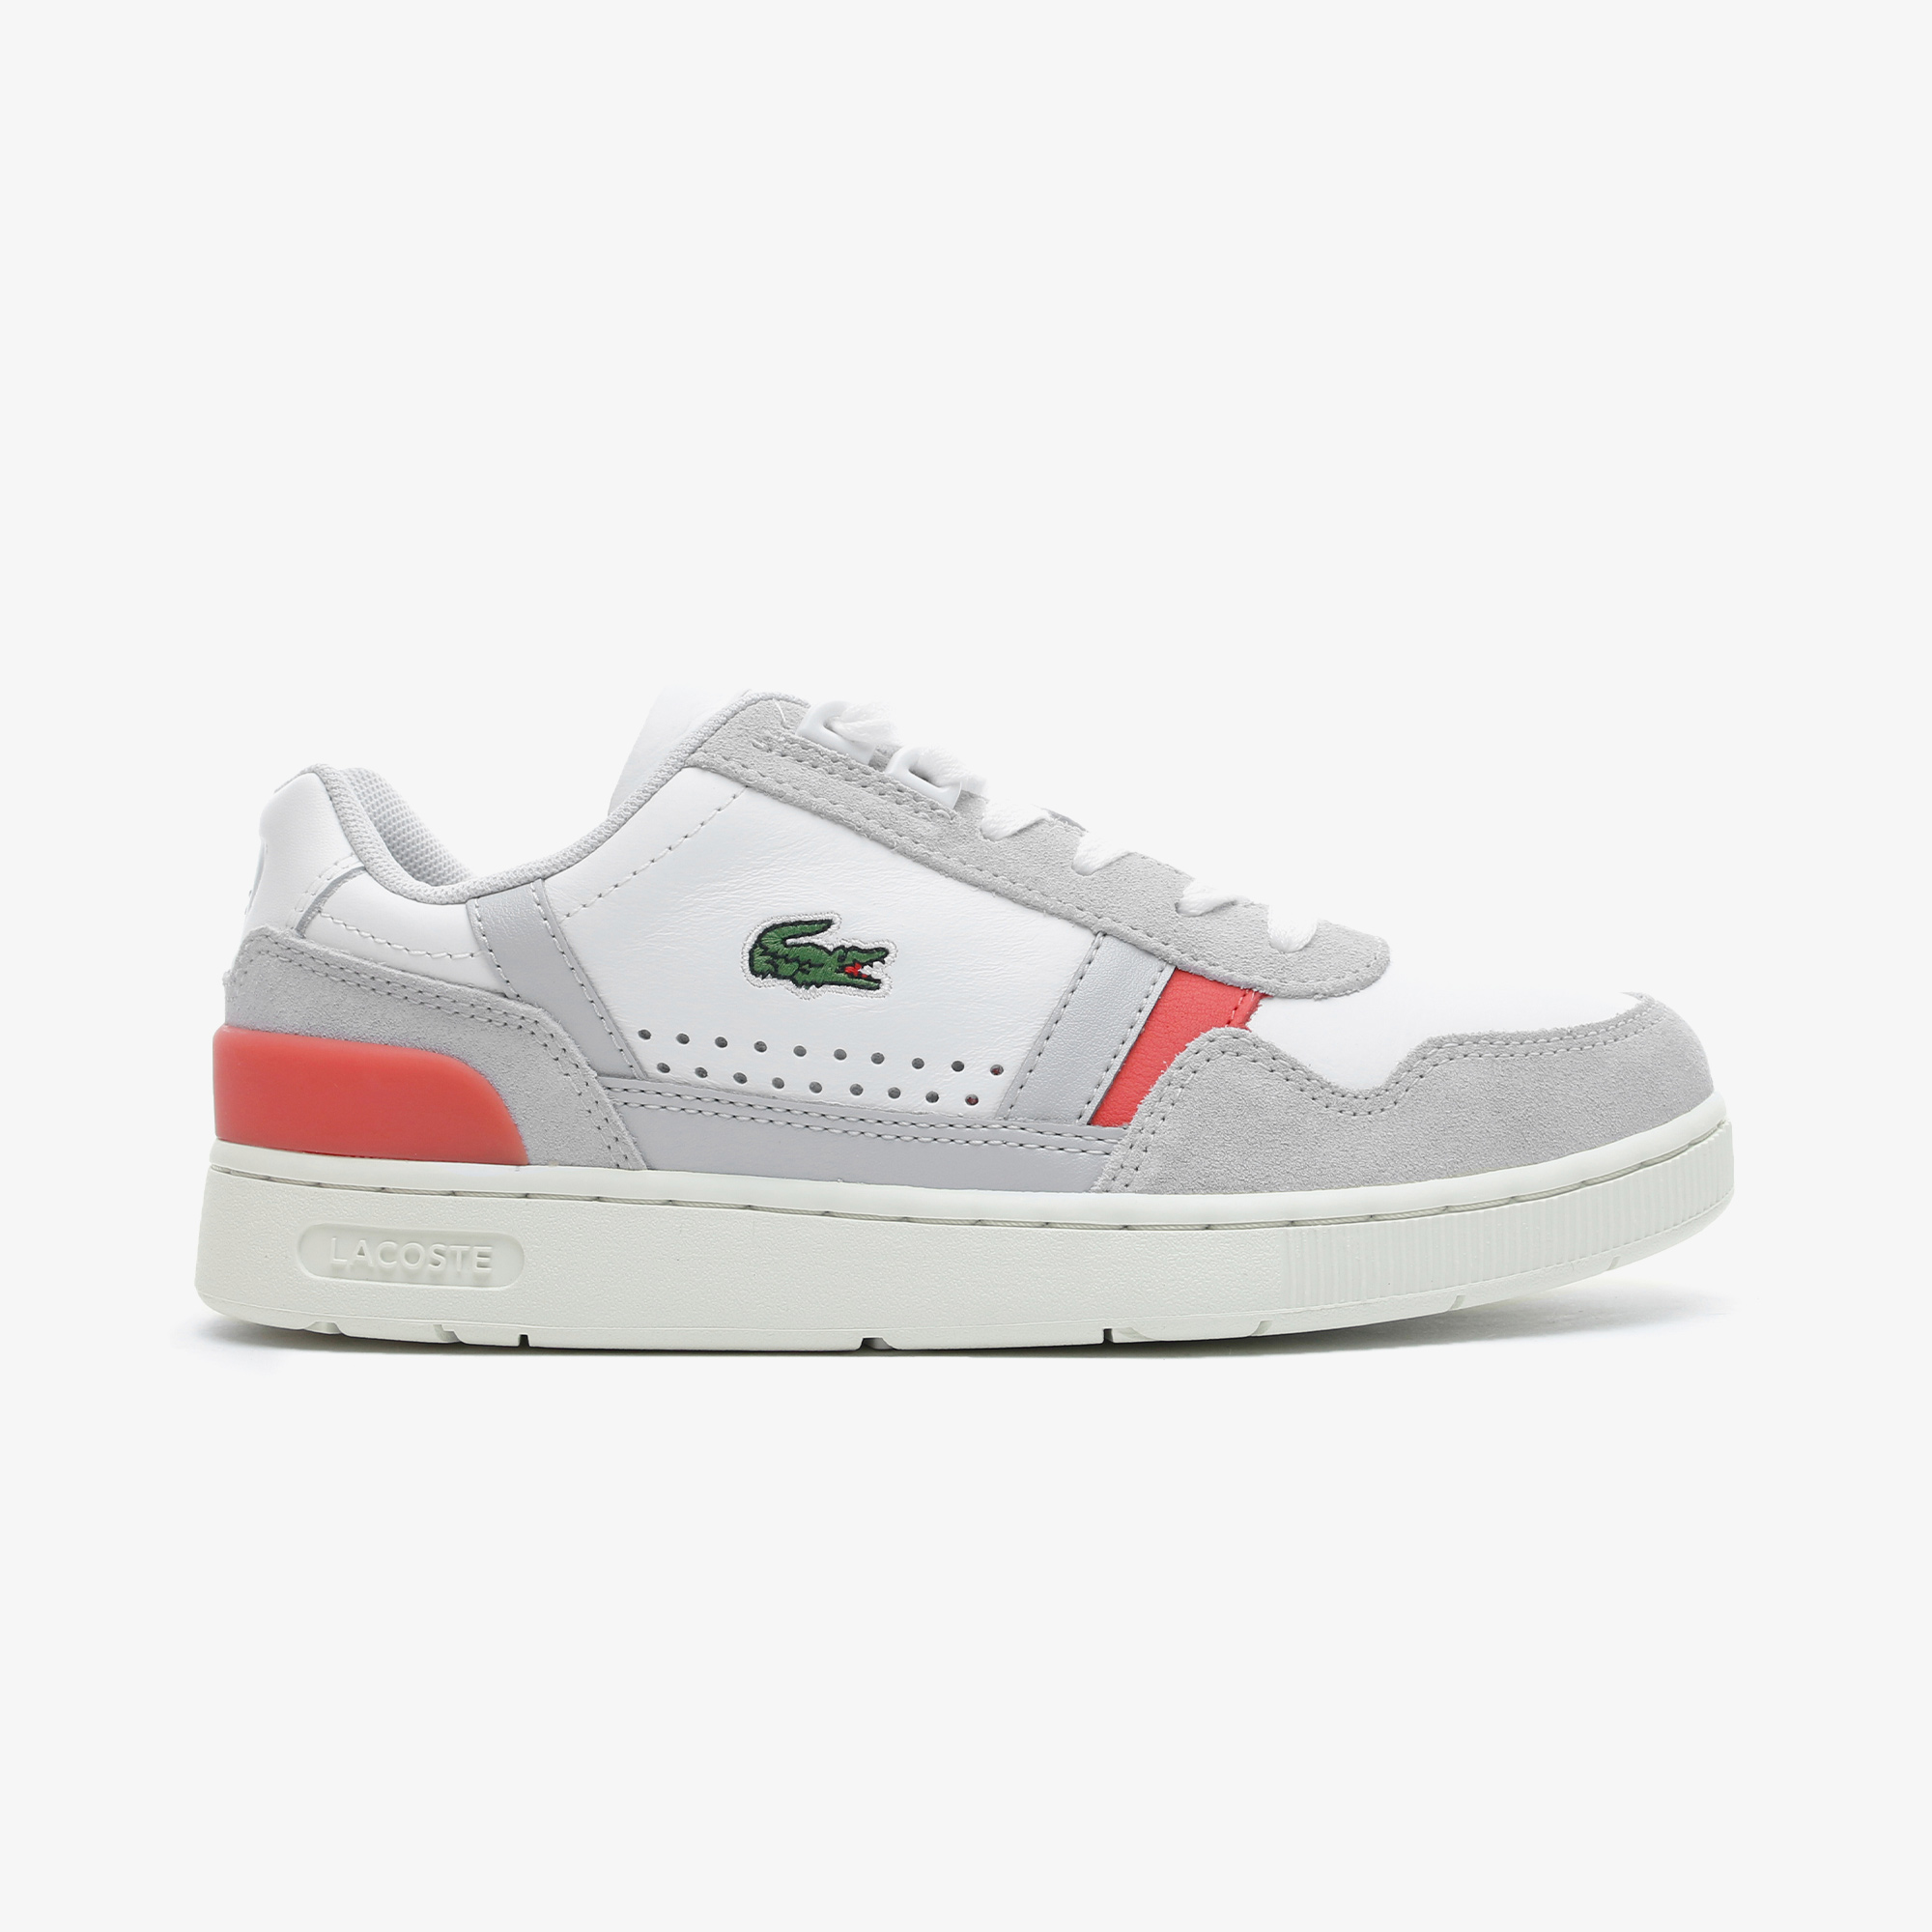 Lacoste T-Clip 0721 1 Sfa Kadın Beyaz - Pembe Spor Ayakkabı